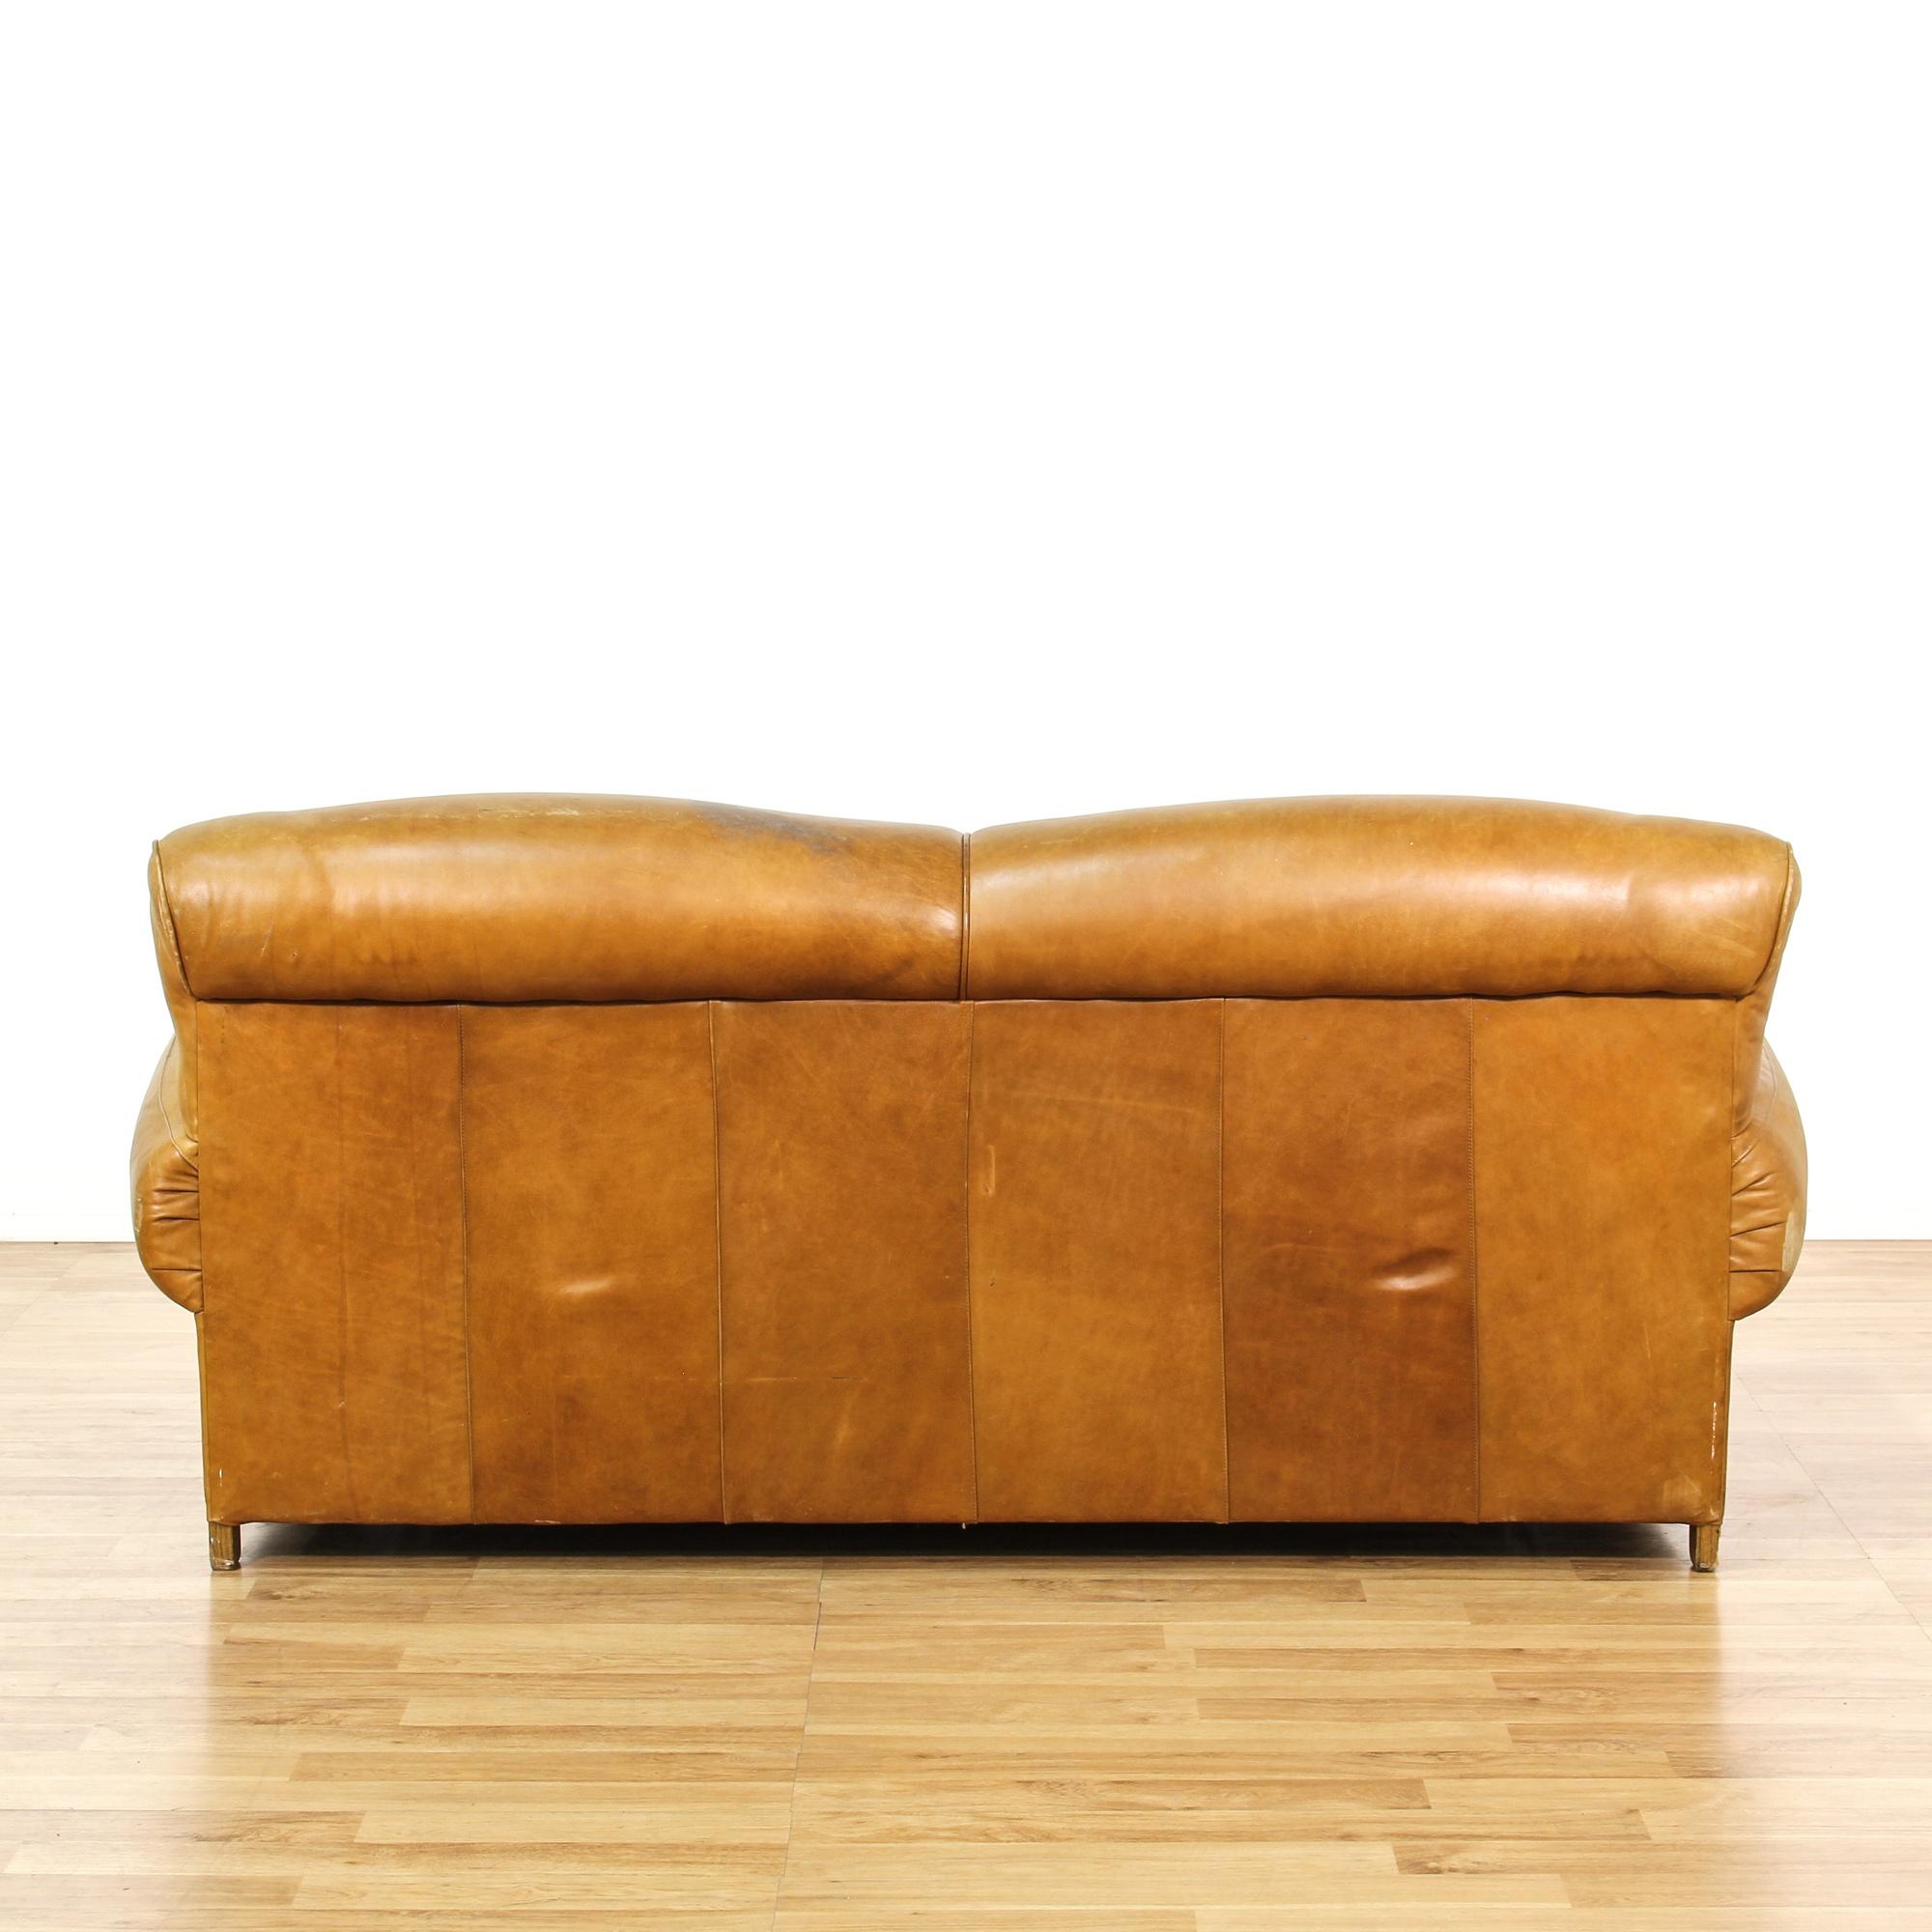 Leather Upholstered Sleeper Sofa Loveseat Vintage